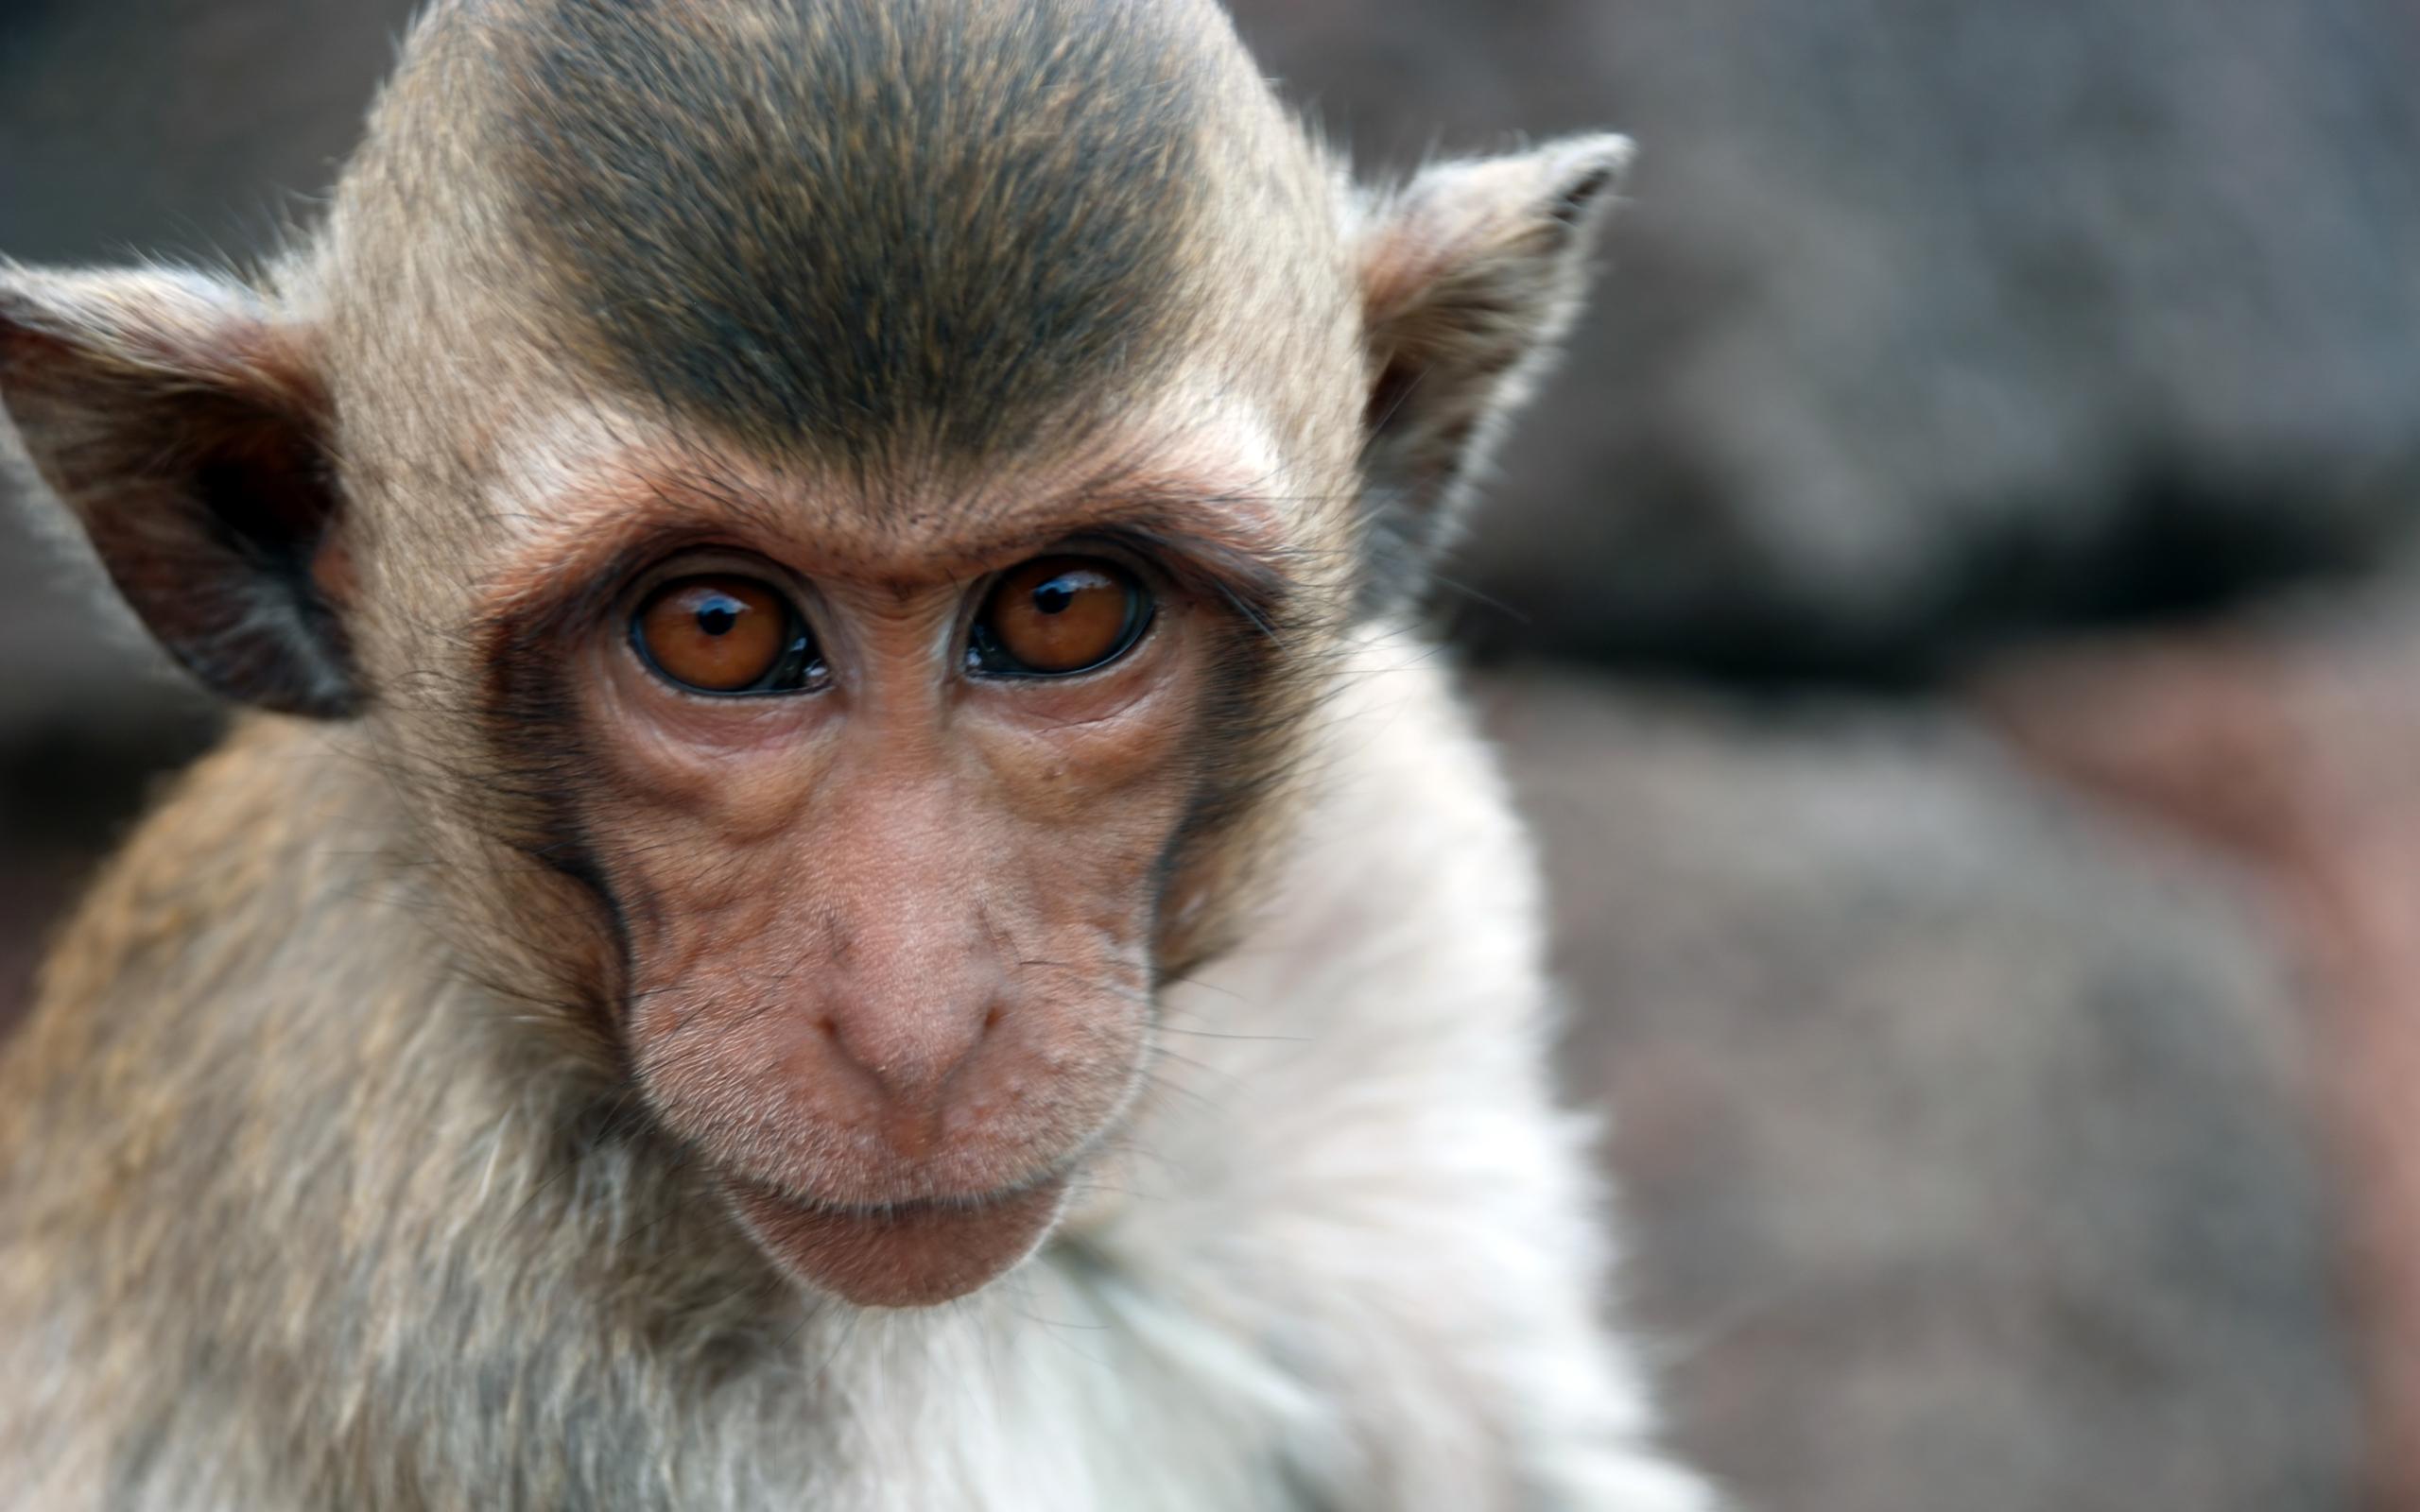 Фото обезьян высокого разрешения